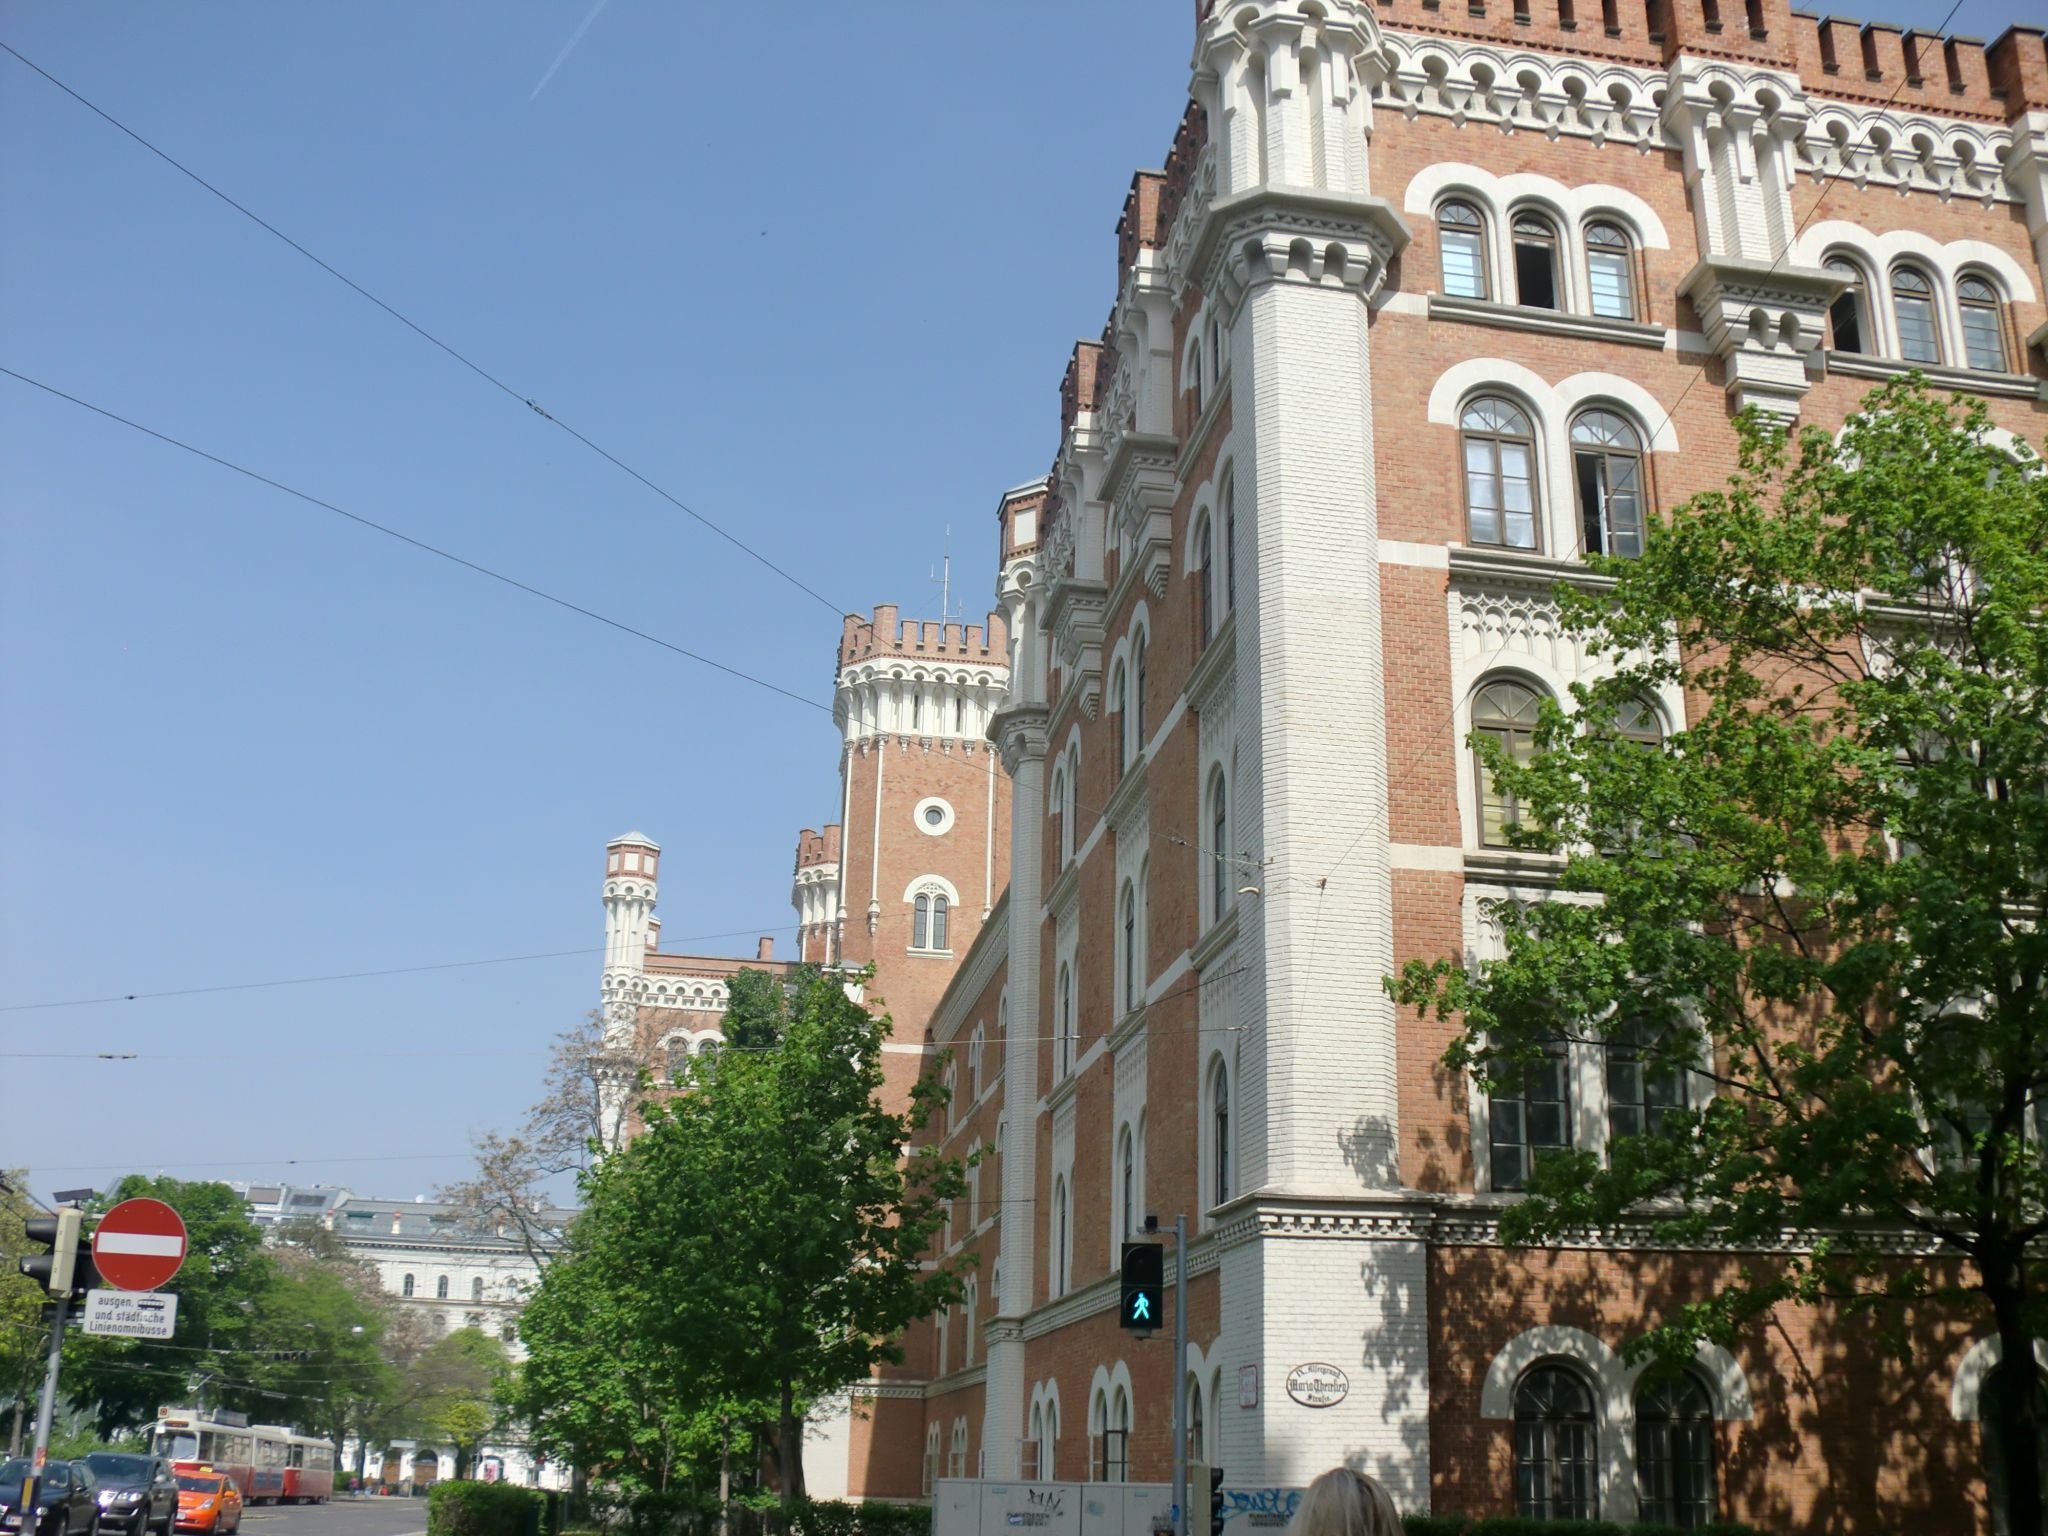 Vienna architecture 22 1440x1080 - Vienna: elegant beauty